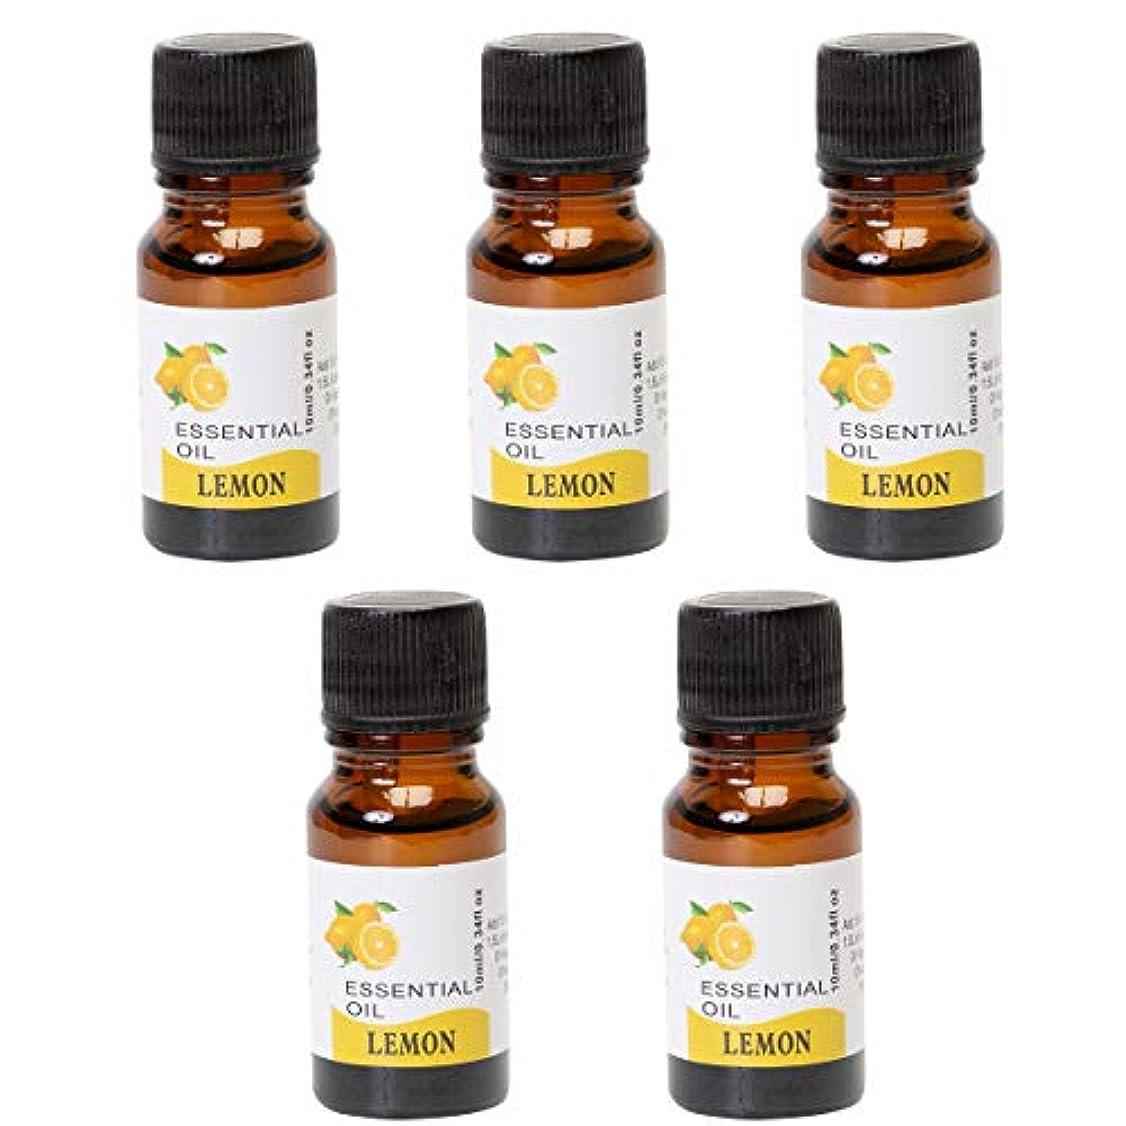 ブレイズ音問い合わせ【天然100%オイルの心地よい香りでリラックス エッセンシャルオイル 5本セット】 天然100%の自然の力でリフレッシュ アロマバスとしても使える 1本10ml×5本入り 芳香剤 アロマ (レモンの香り)